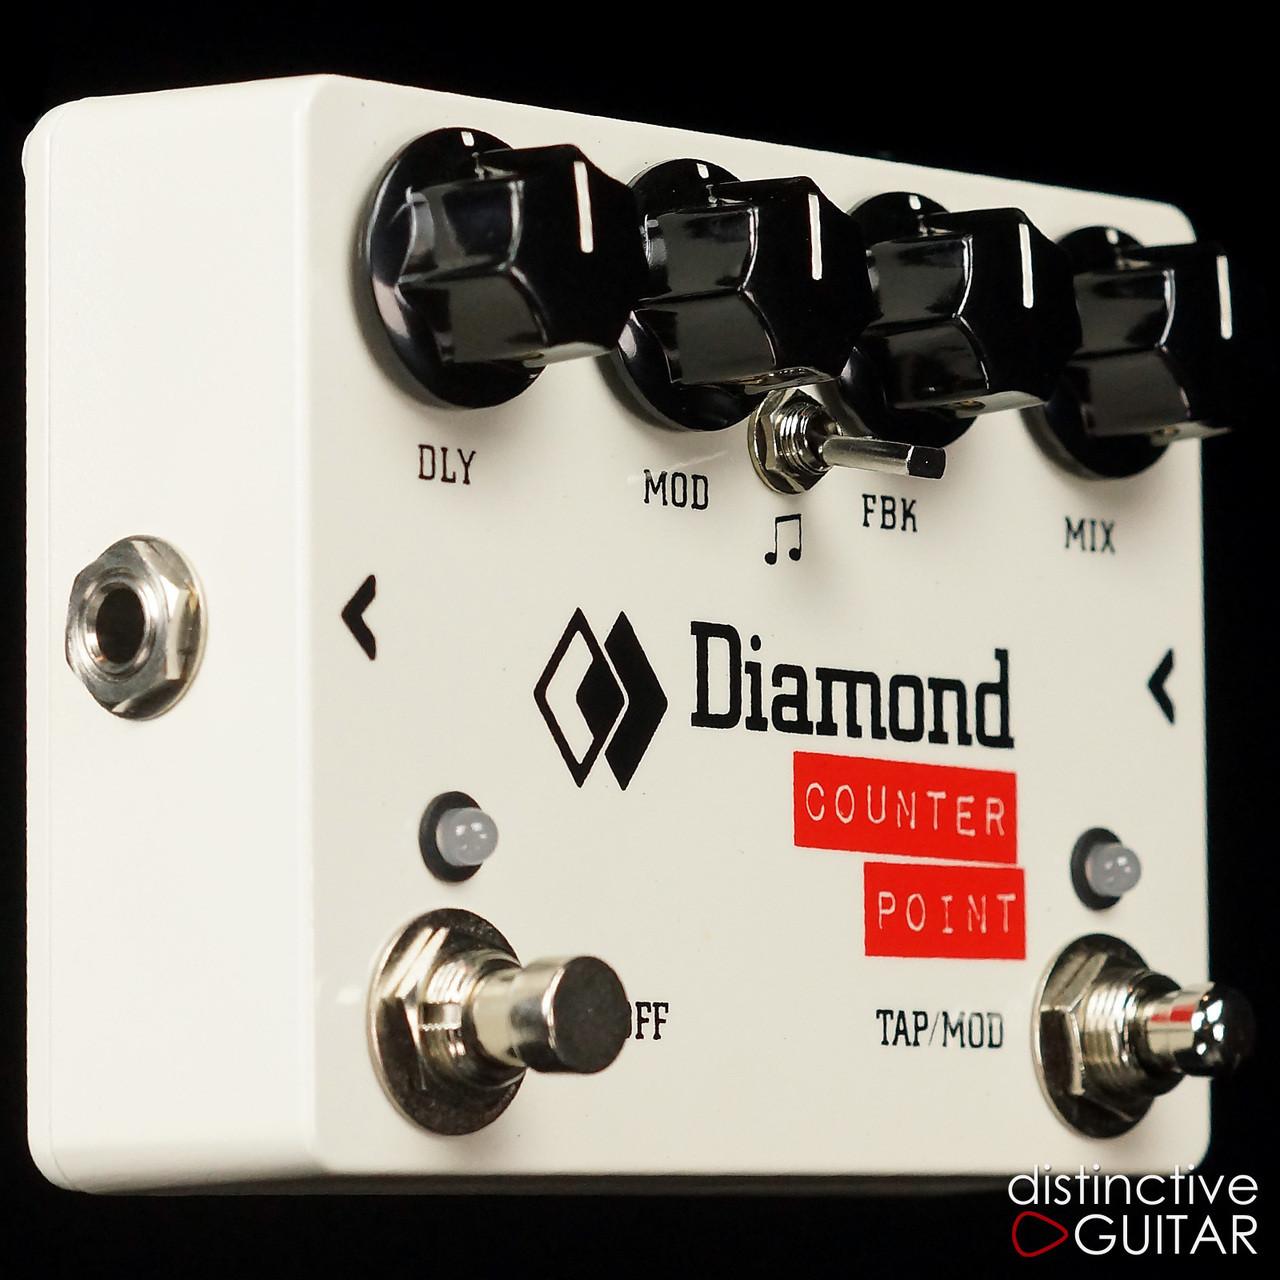 Diamond Counterpoint Tap Tempo Delay 2